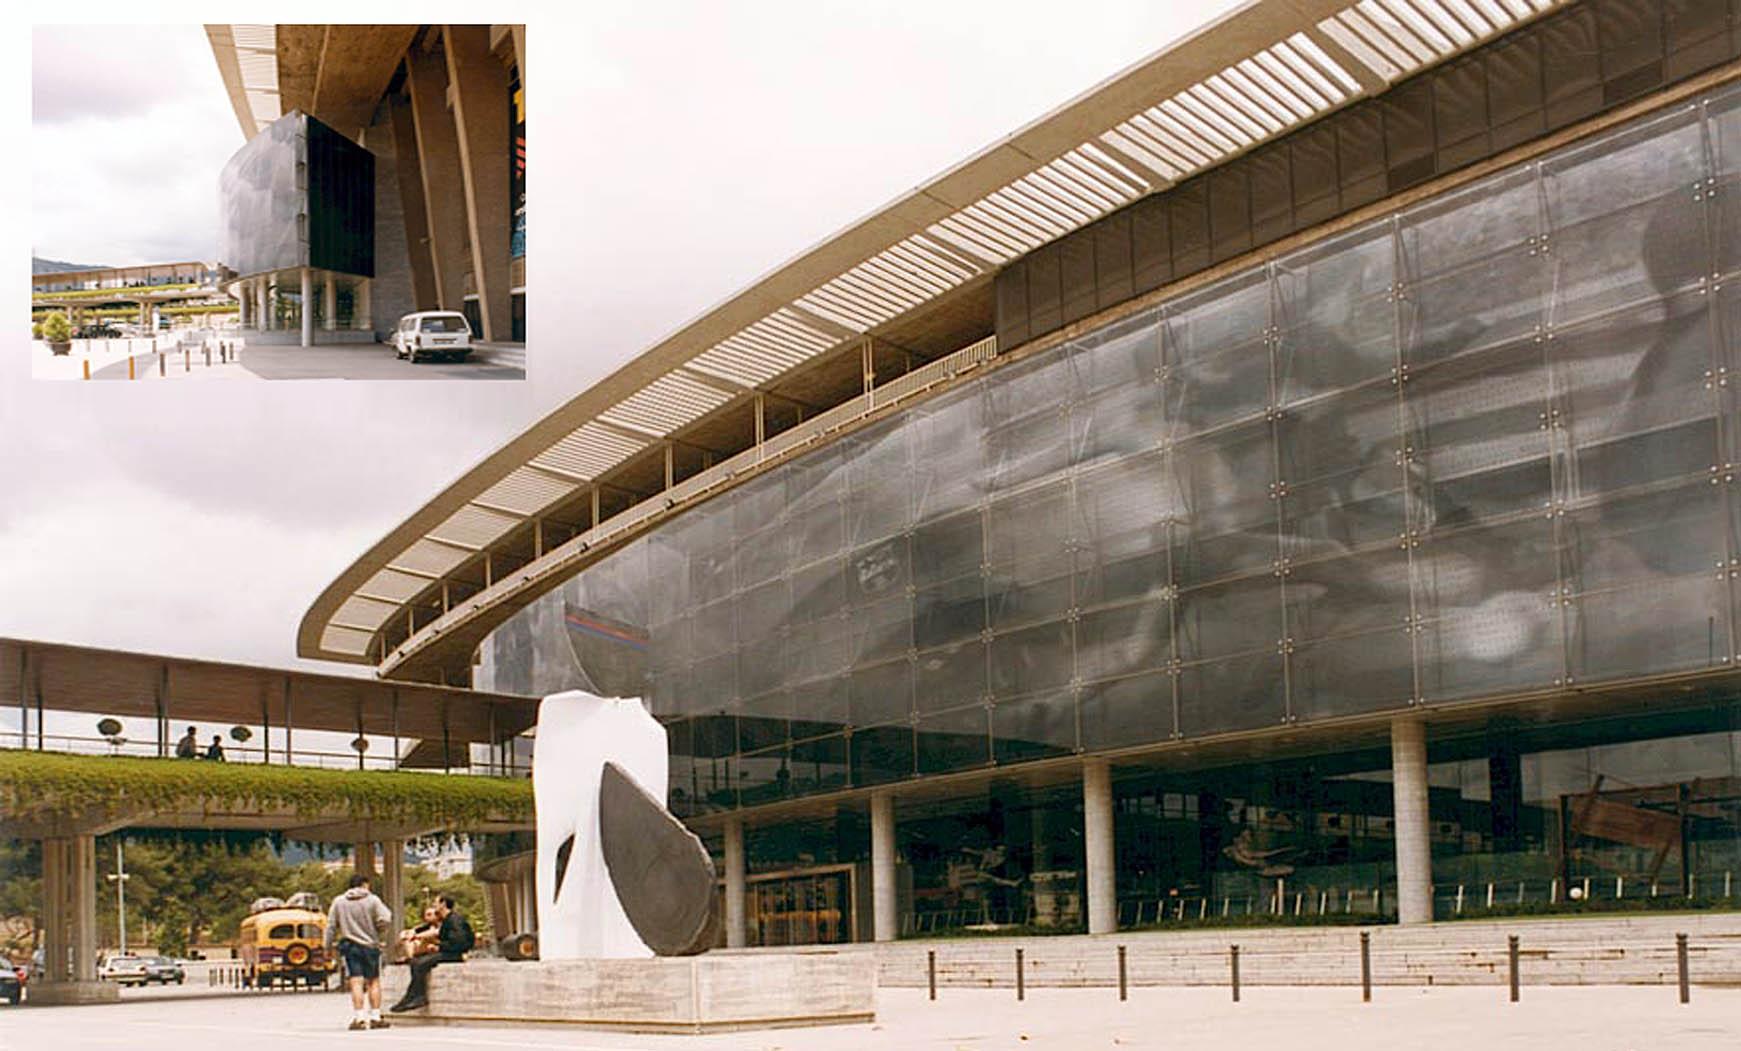 Ampliación del Museo F.C.B. y vestíbulo de la tribuna principal (1997), en colaboración con F. Mitjans y SCB